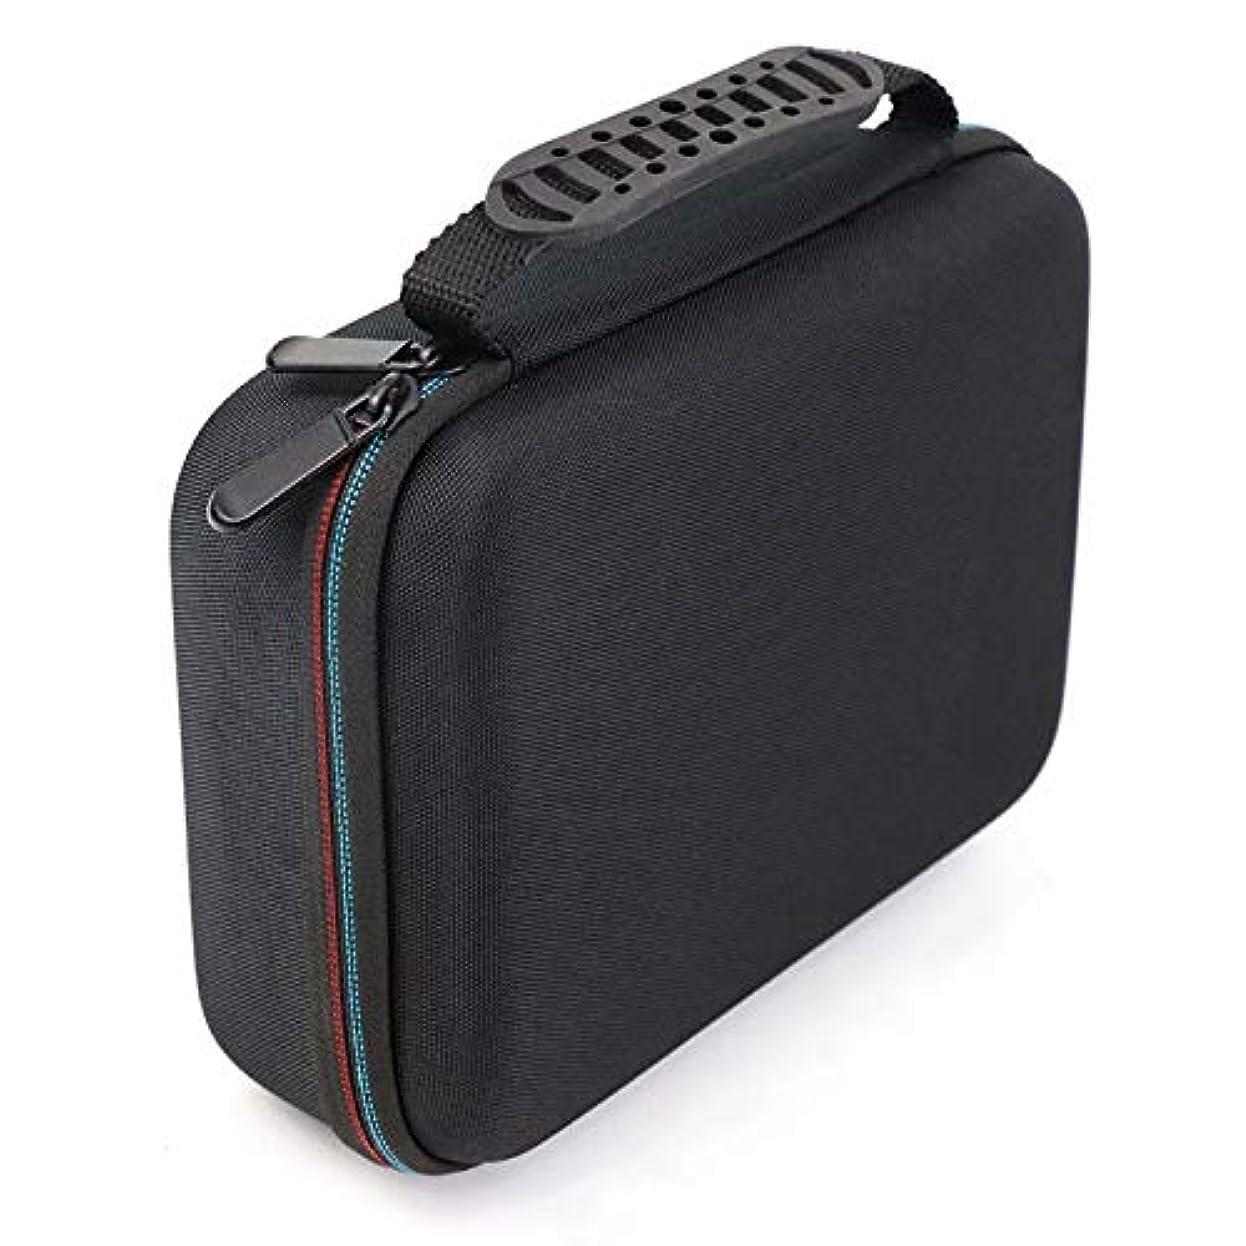 スクラップ価値レタッチACAMPTAR バリカンの収納ケース、携帯用ケース、耐衝撃バッグ、シェーバーのキット、Evaハードケース、収納バッグ、 Mgk3020/3060/3080用